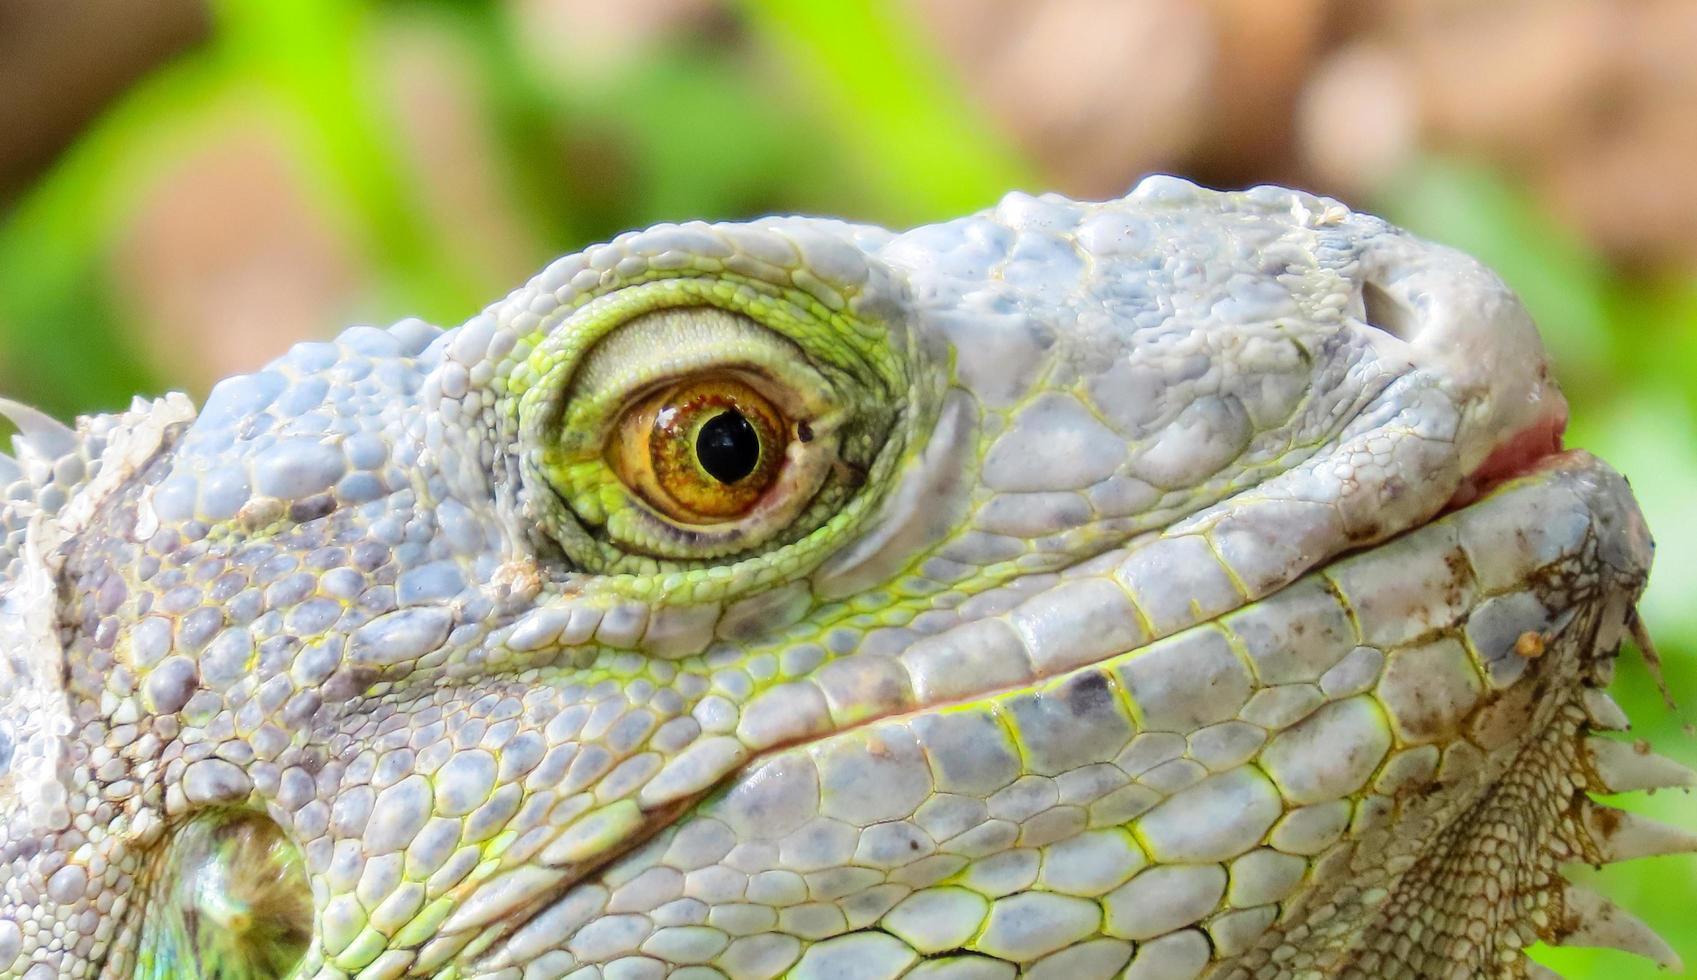 gros plan des yeux d'un iguane photo